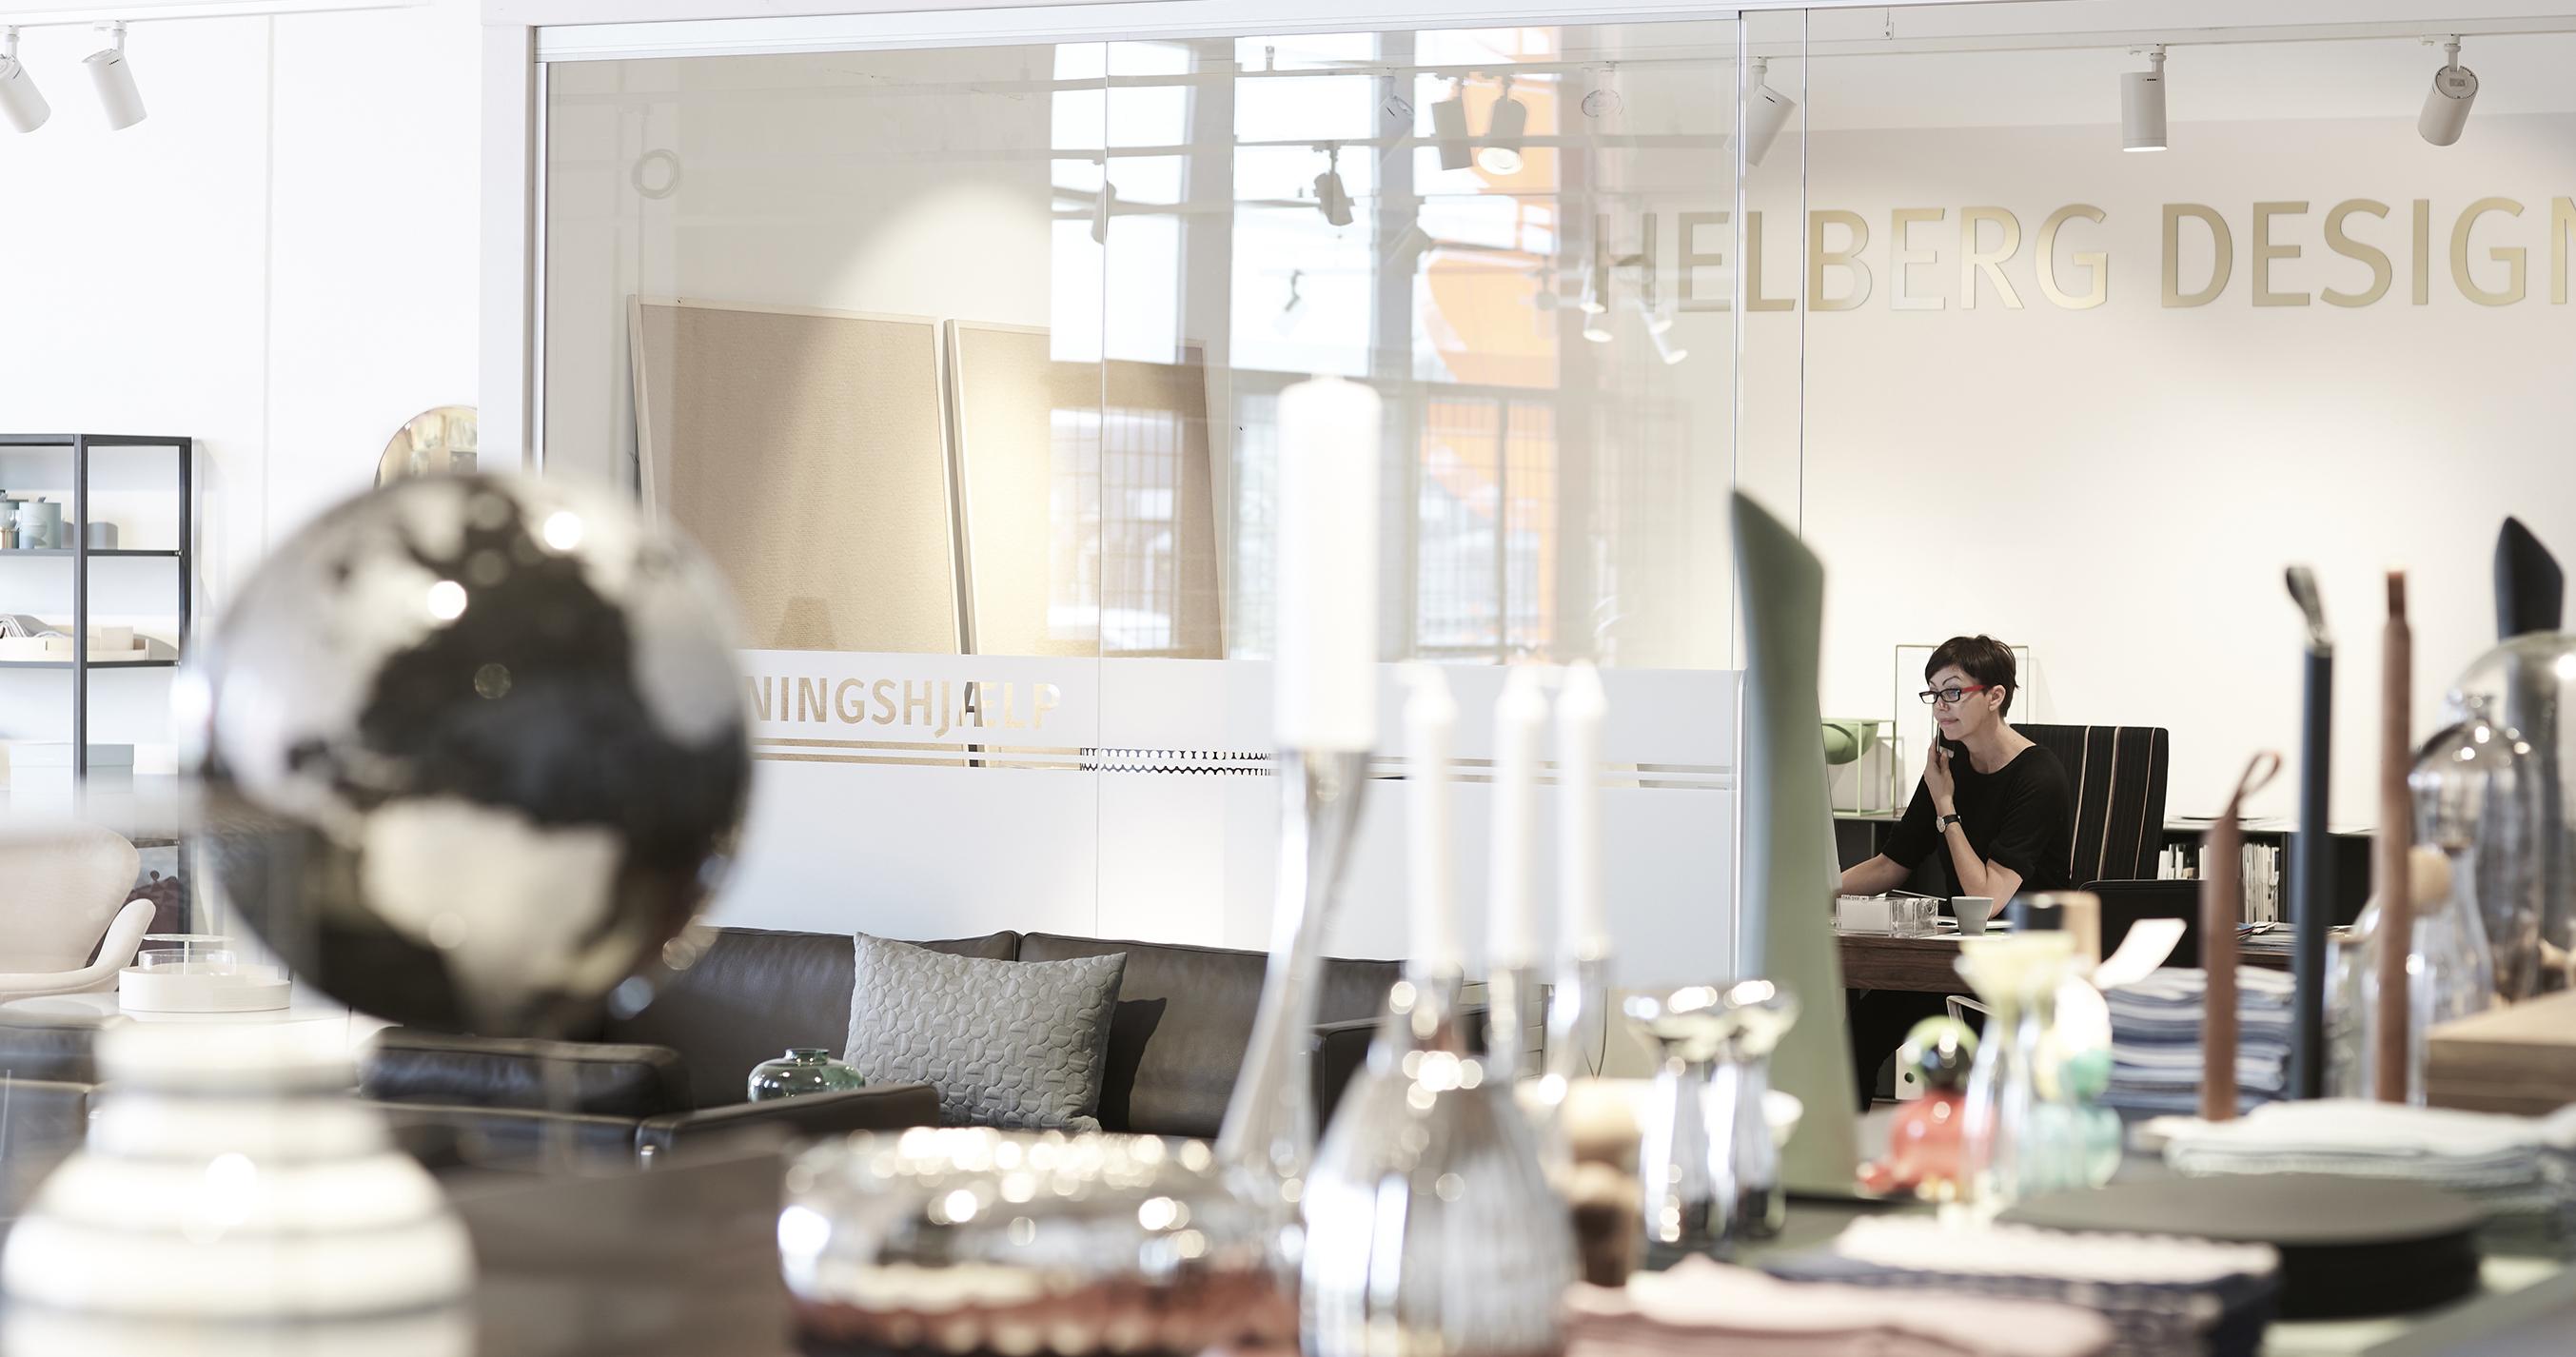 Indretningsarkitekt Susanne Helberg - hjælp til hjem og have.